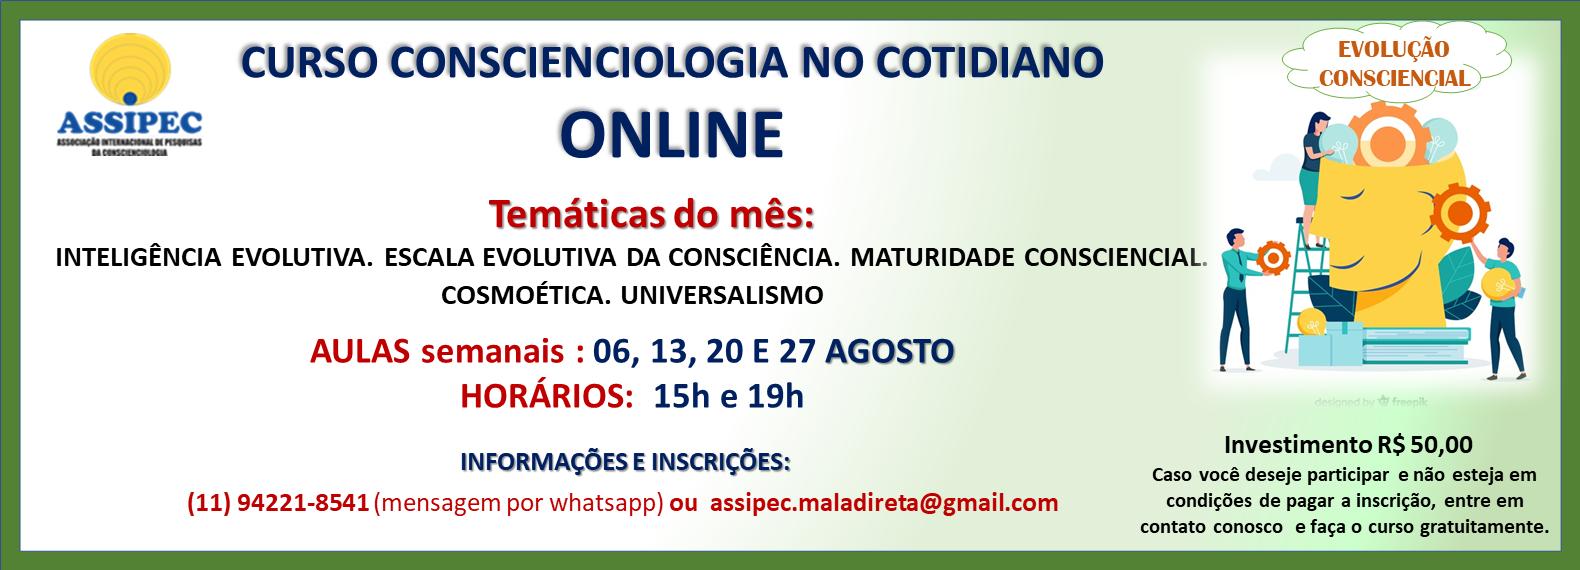 site CCIOLOGIA COTIDIANO AGOSTO ONLINE